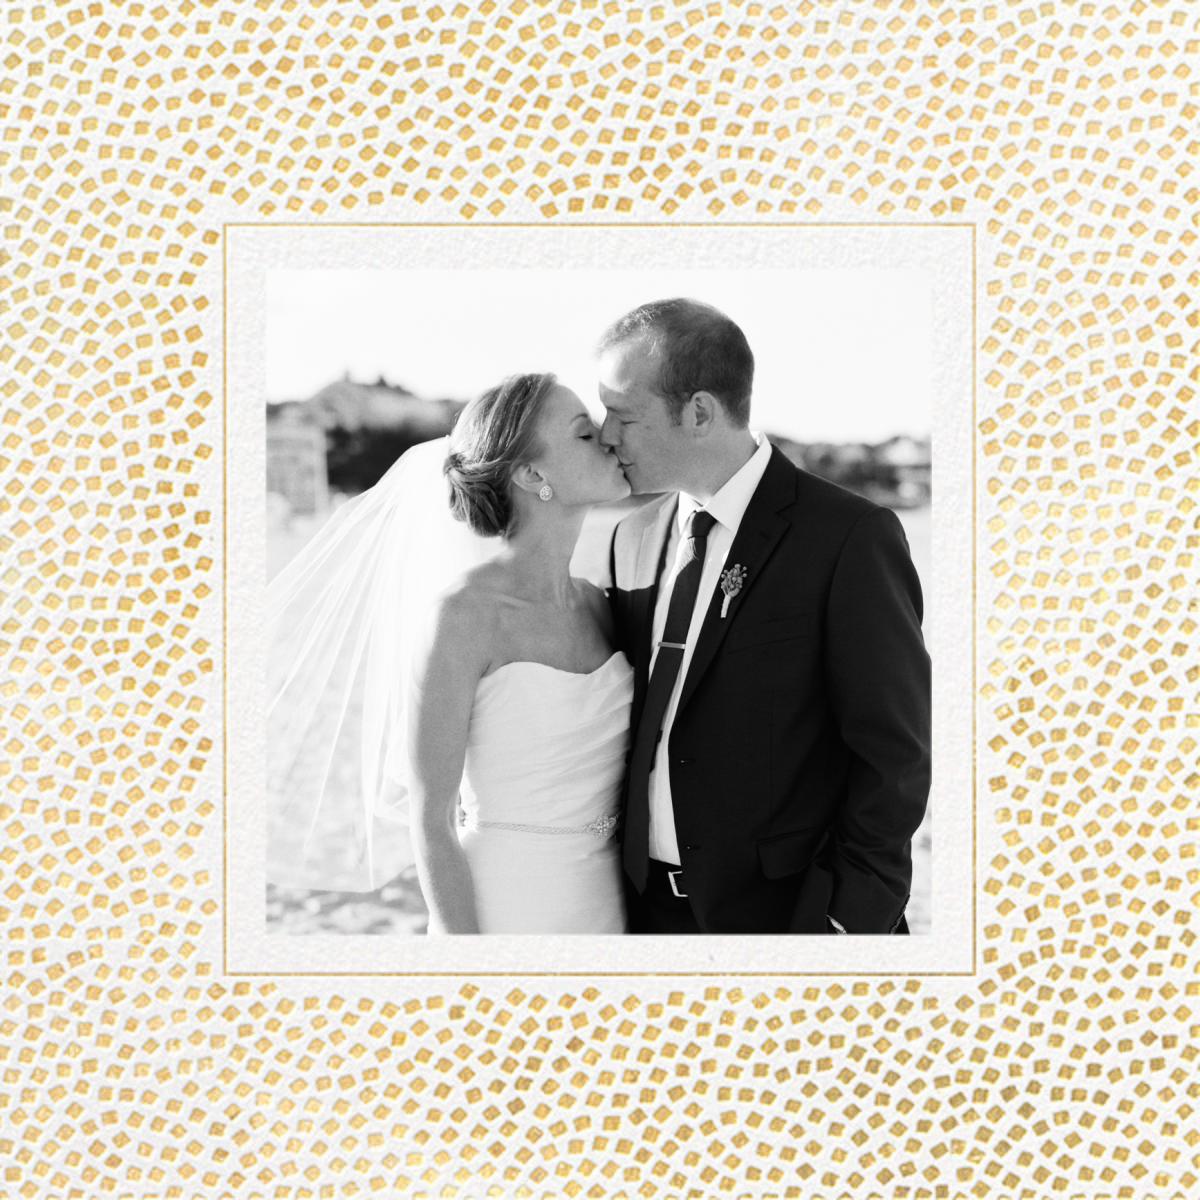 Konfetti (Photo) - Gold - Kelly Wearstler - Wedding